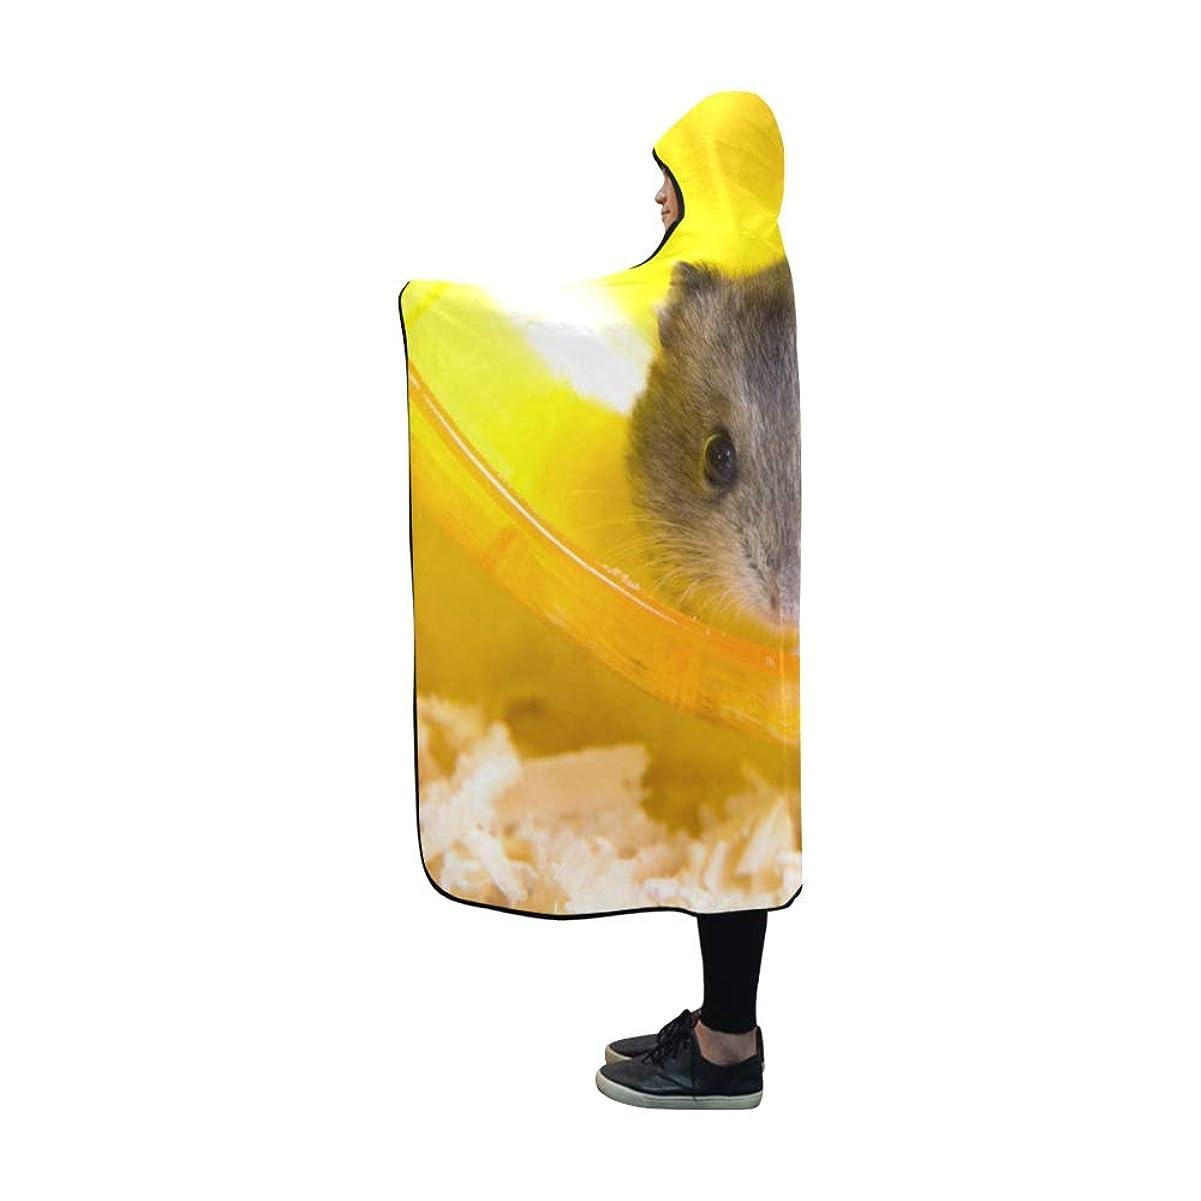 トースト靄抑圧DMHYJ 膝掛け 親しい ハムスター フード付き毛布 肩掛け 着る毛布 ブランケット 帽子付きマント 部屋着 ルームウェア フランネル 可愛い 柔らかい レディース 大きい